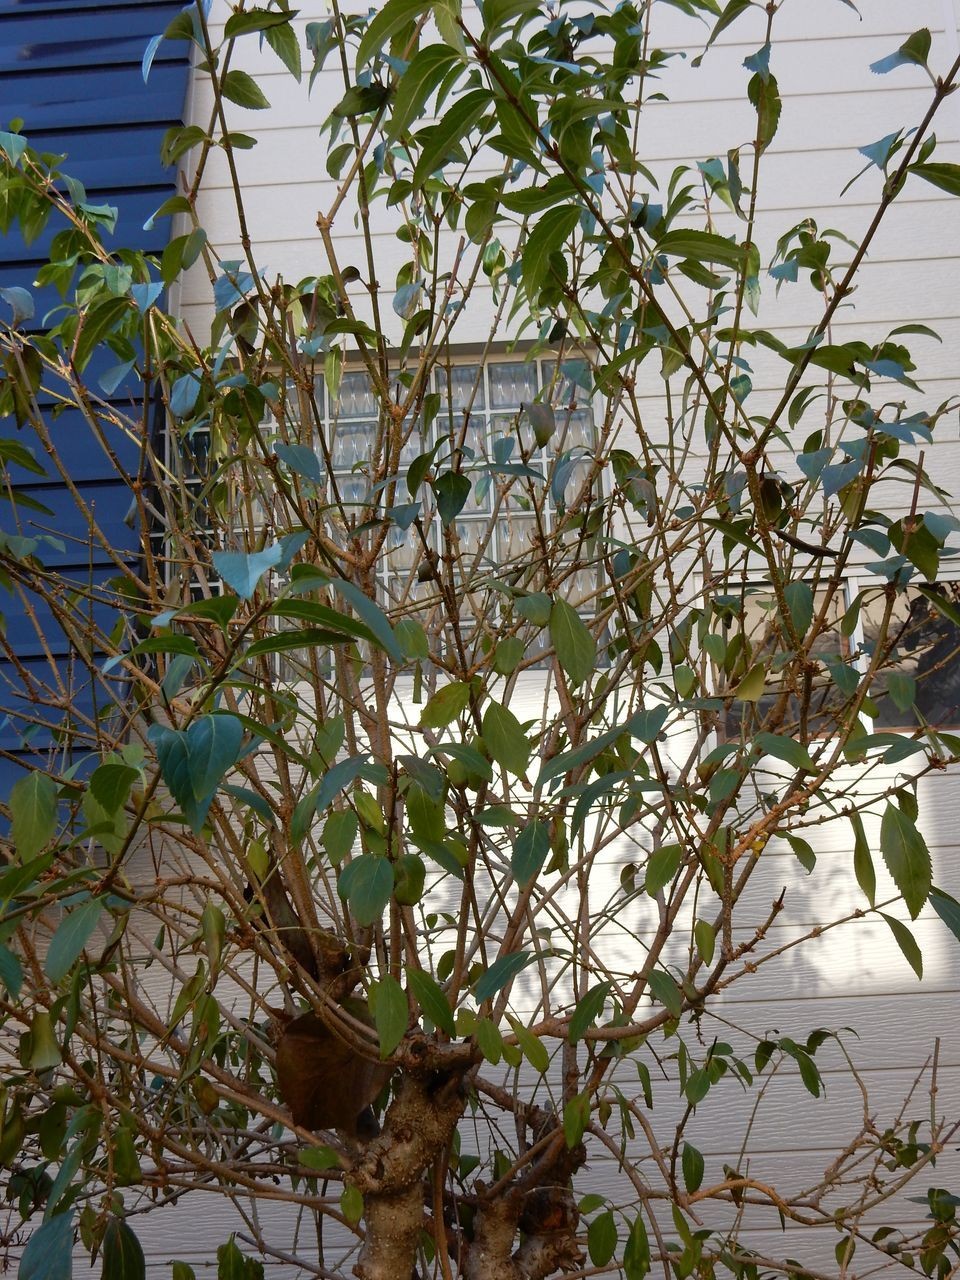 雪がなくなると、下からしおれた植物が顔を出した_c0025115_22014229.jpg